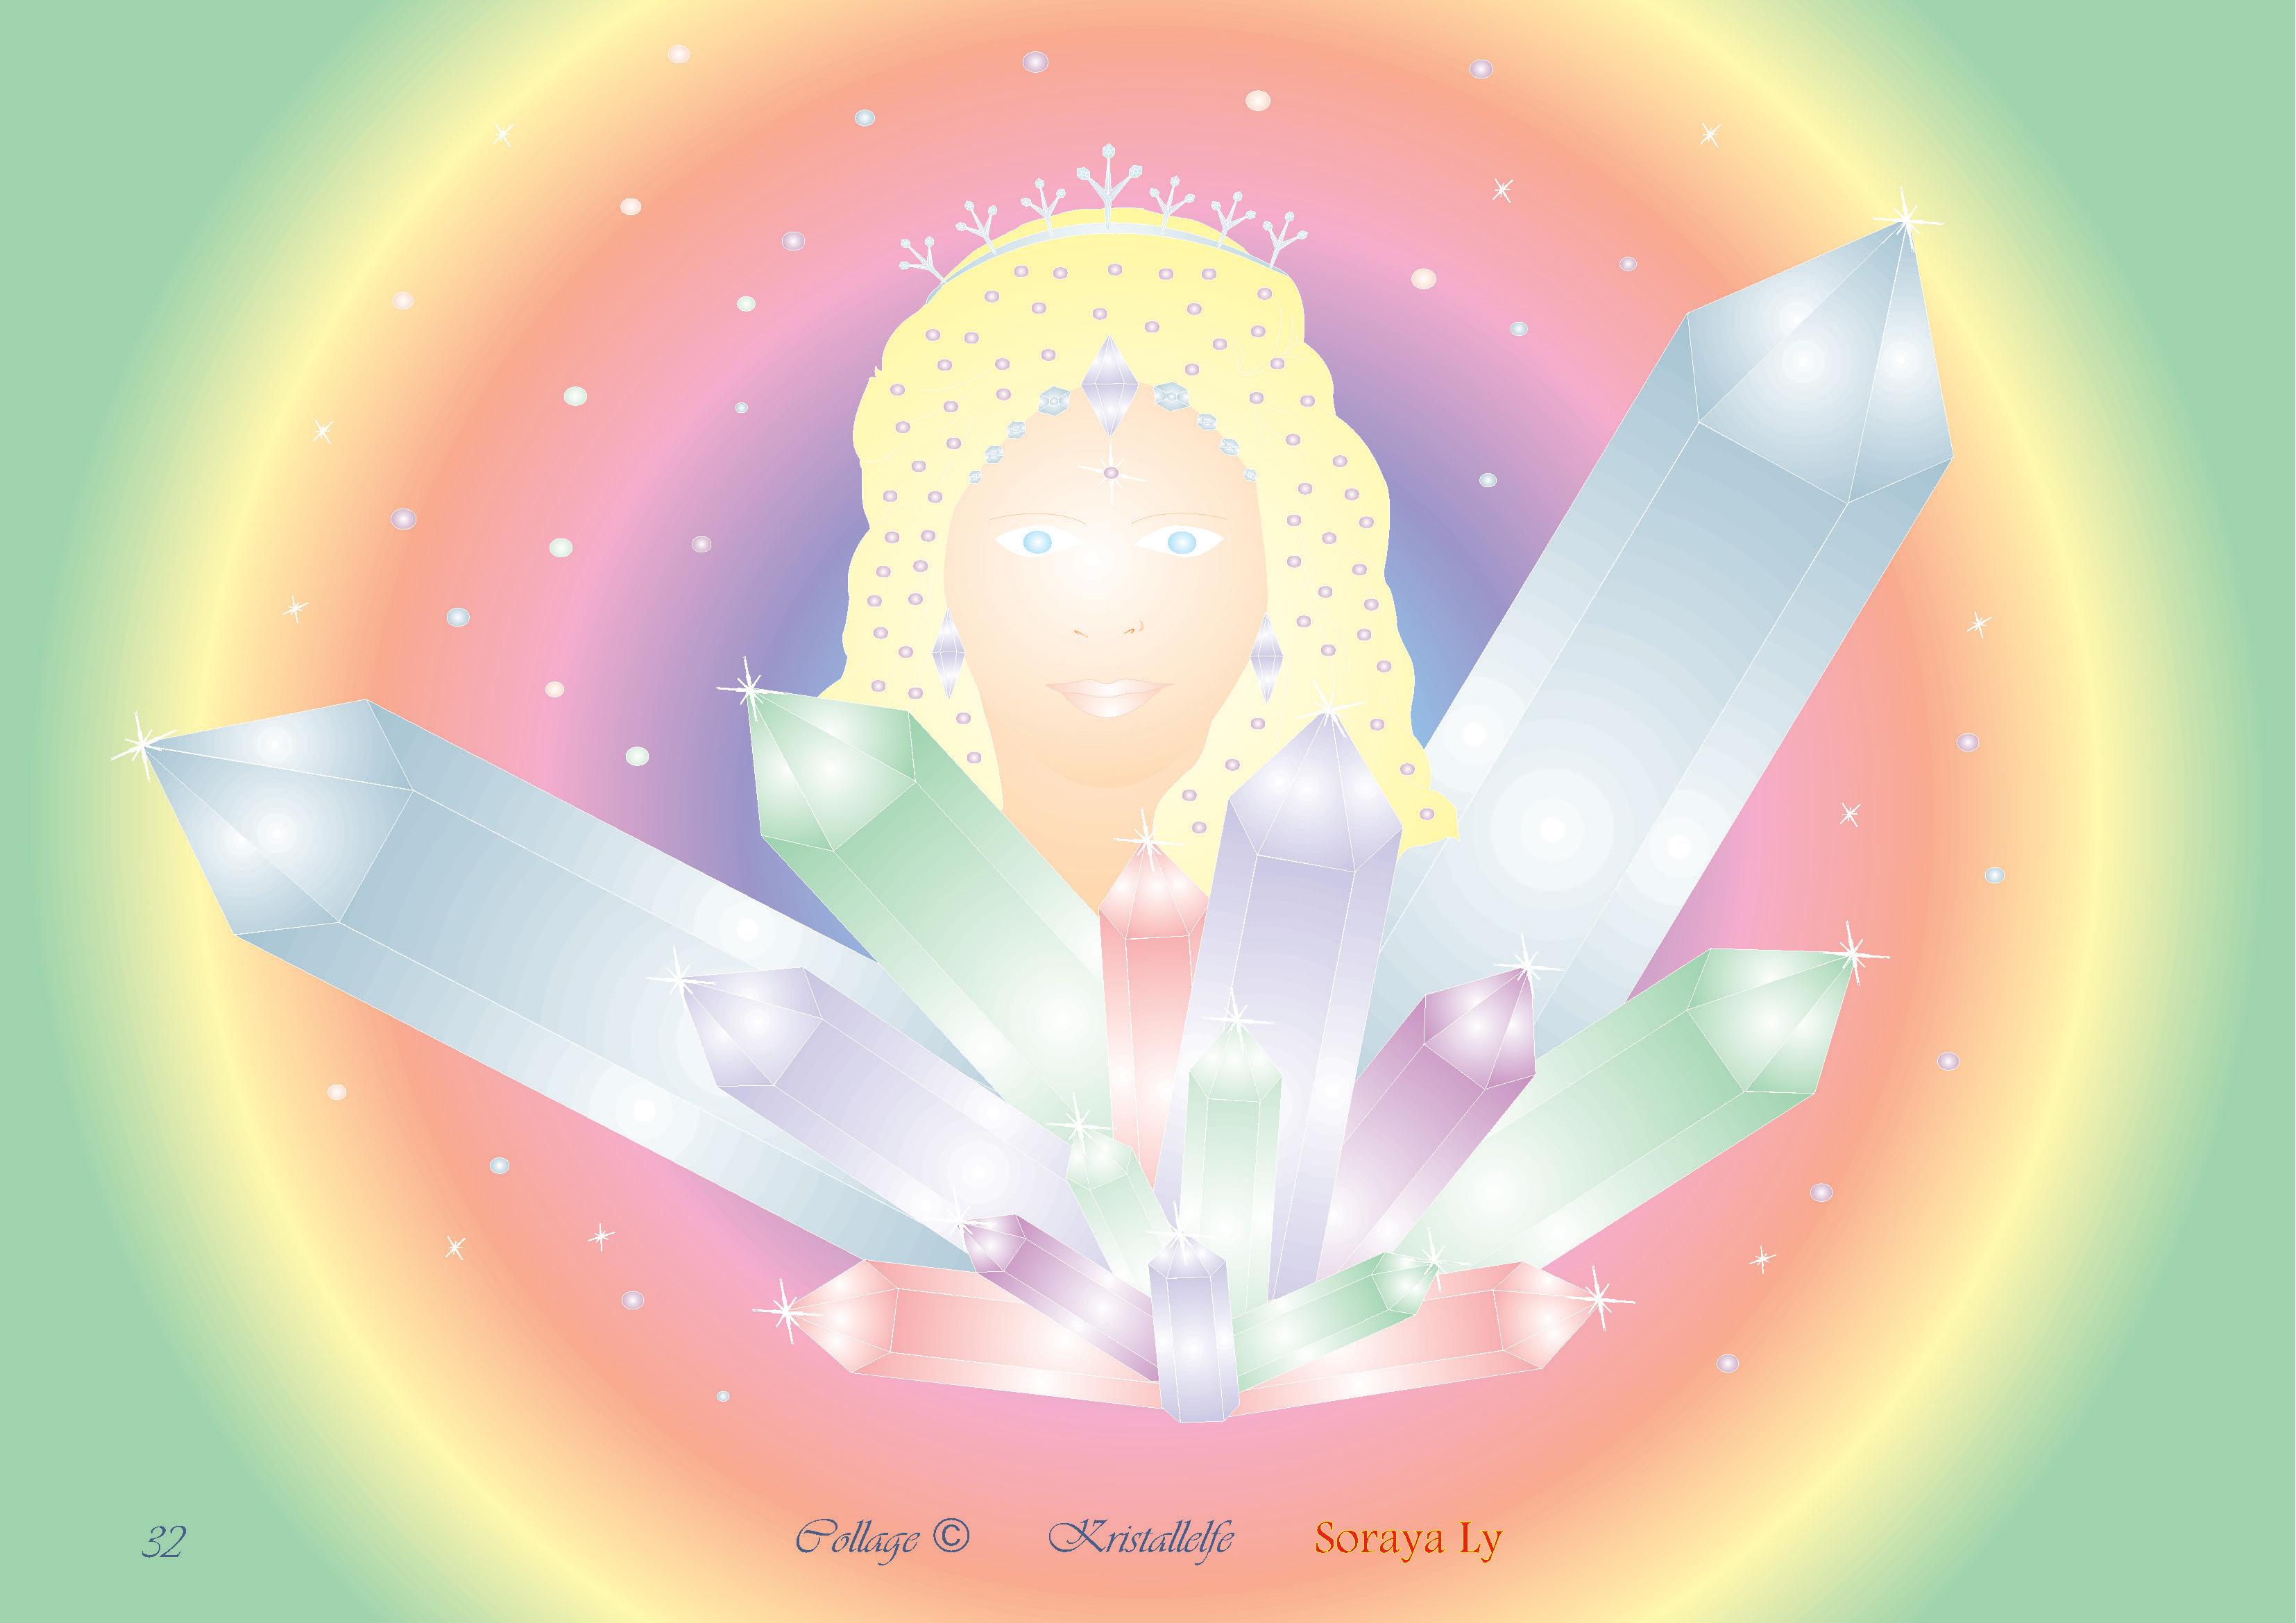 Kristallelfe - Titelblatt - Collage - Geschichte_A3_Page_2